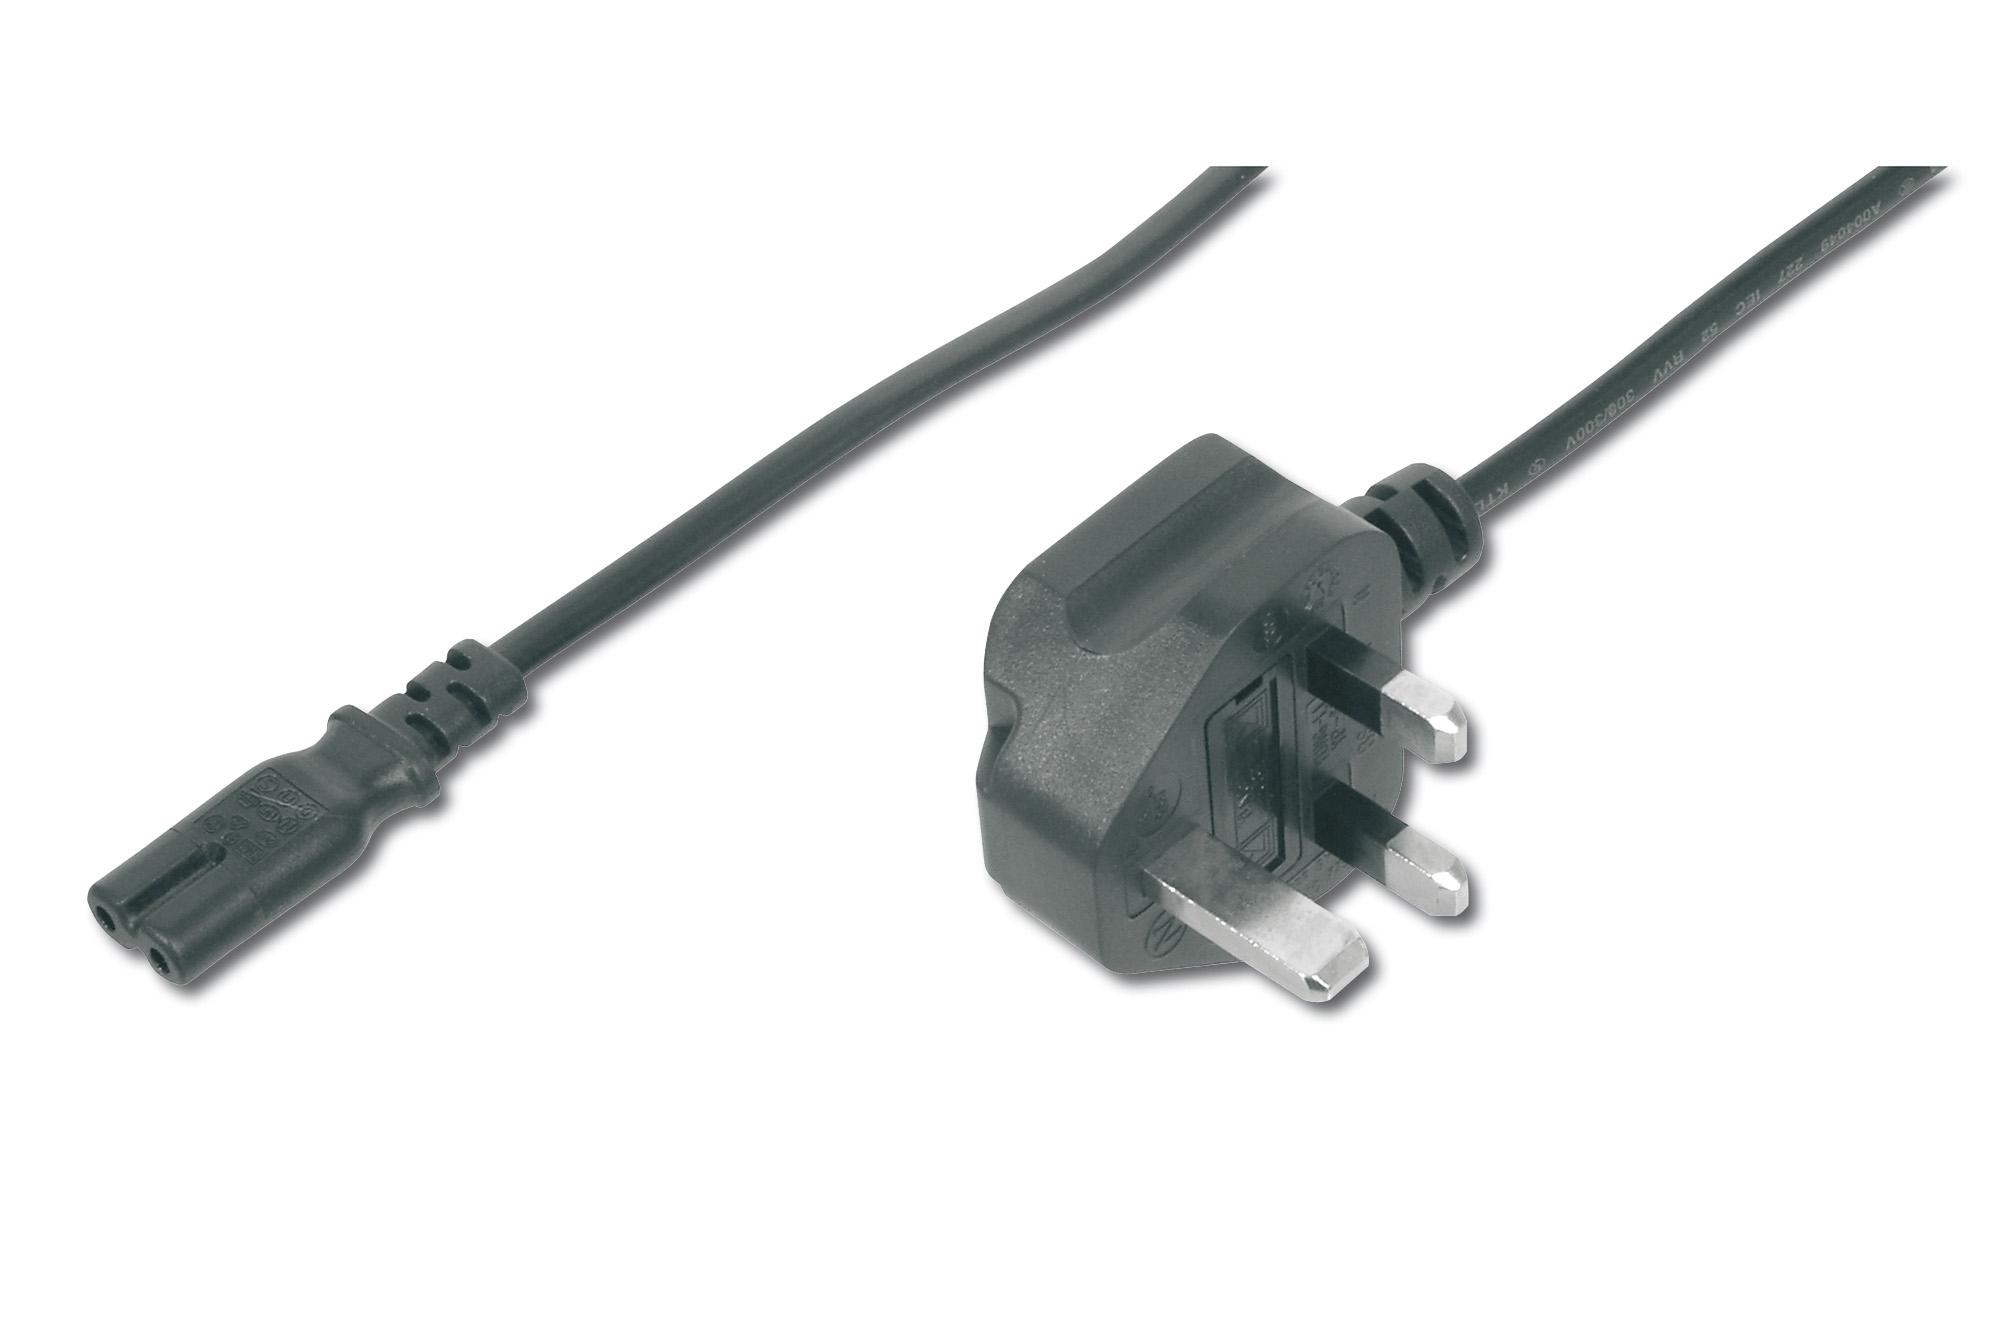 ASSMANN Electronic AK-440116-018-S power cable